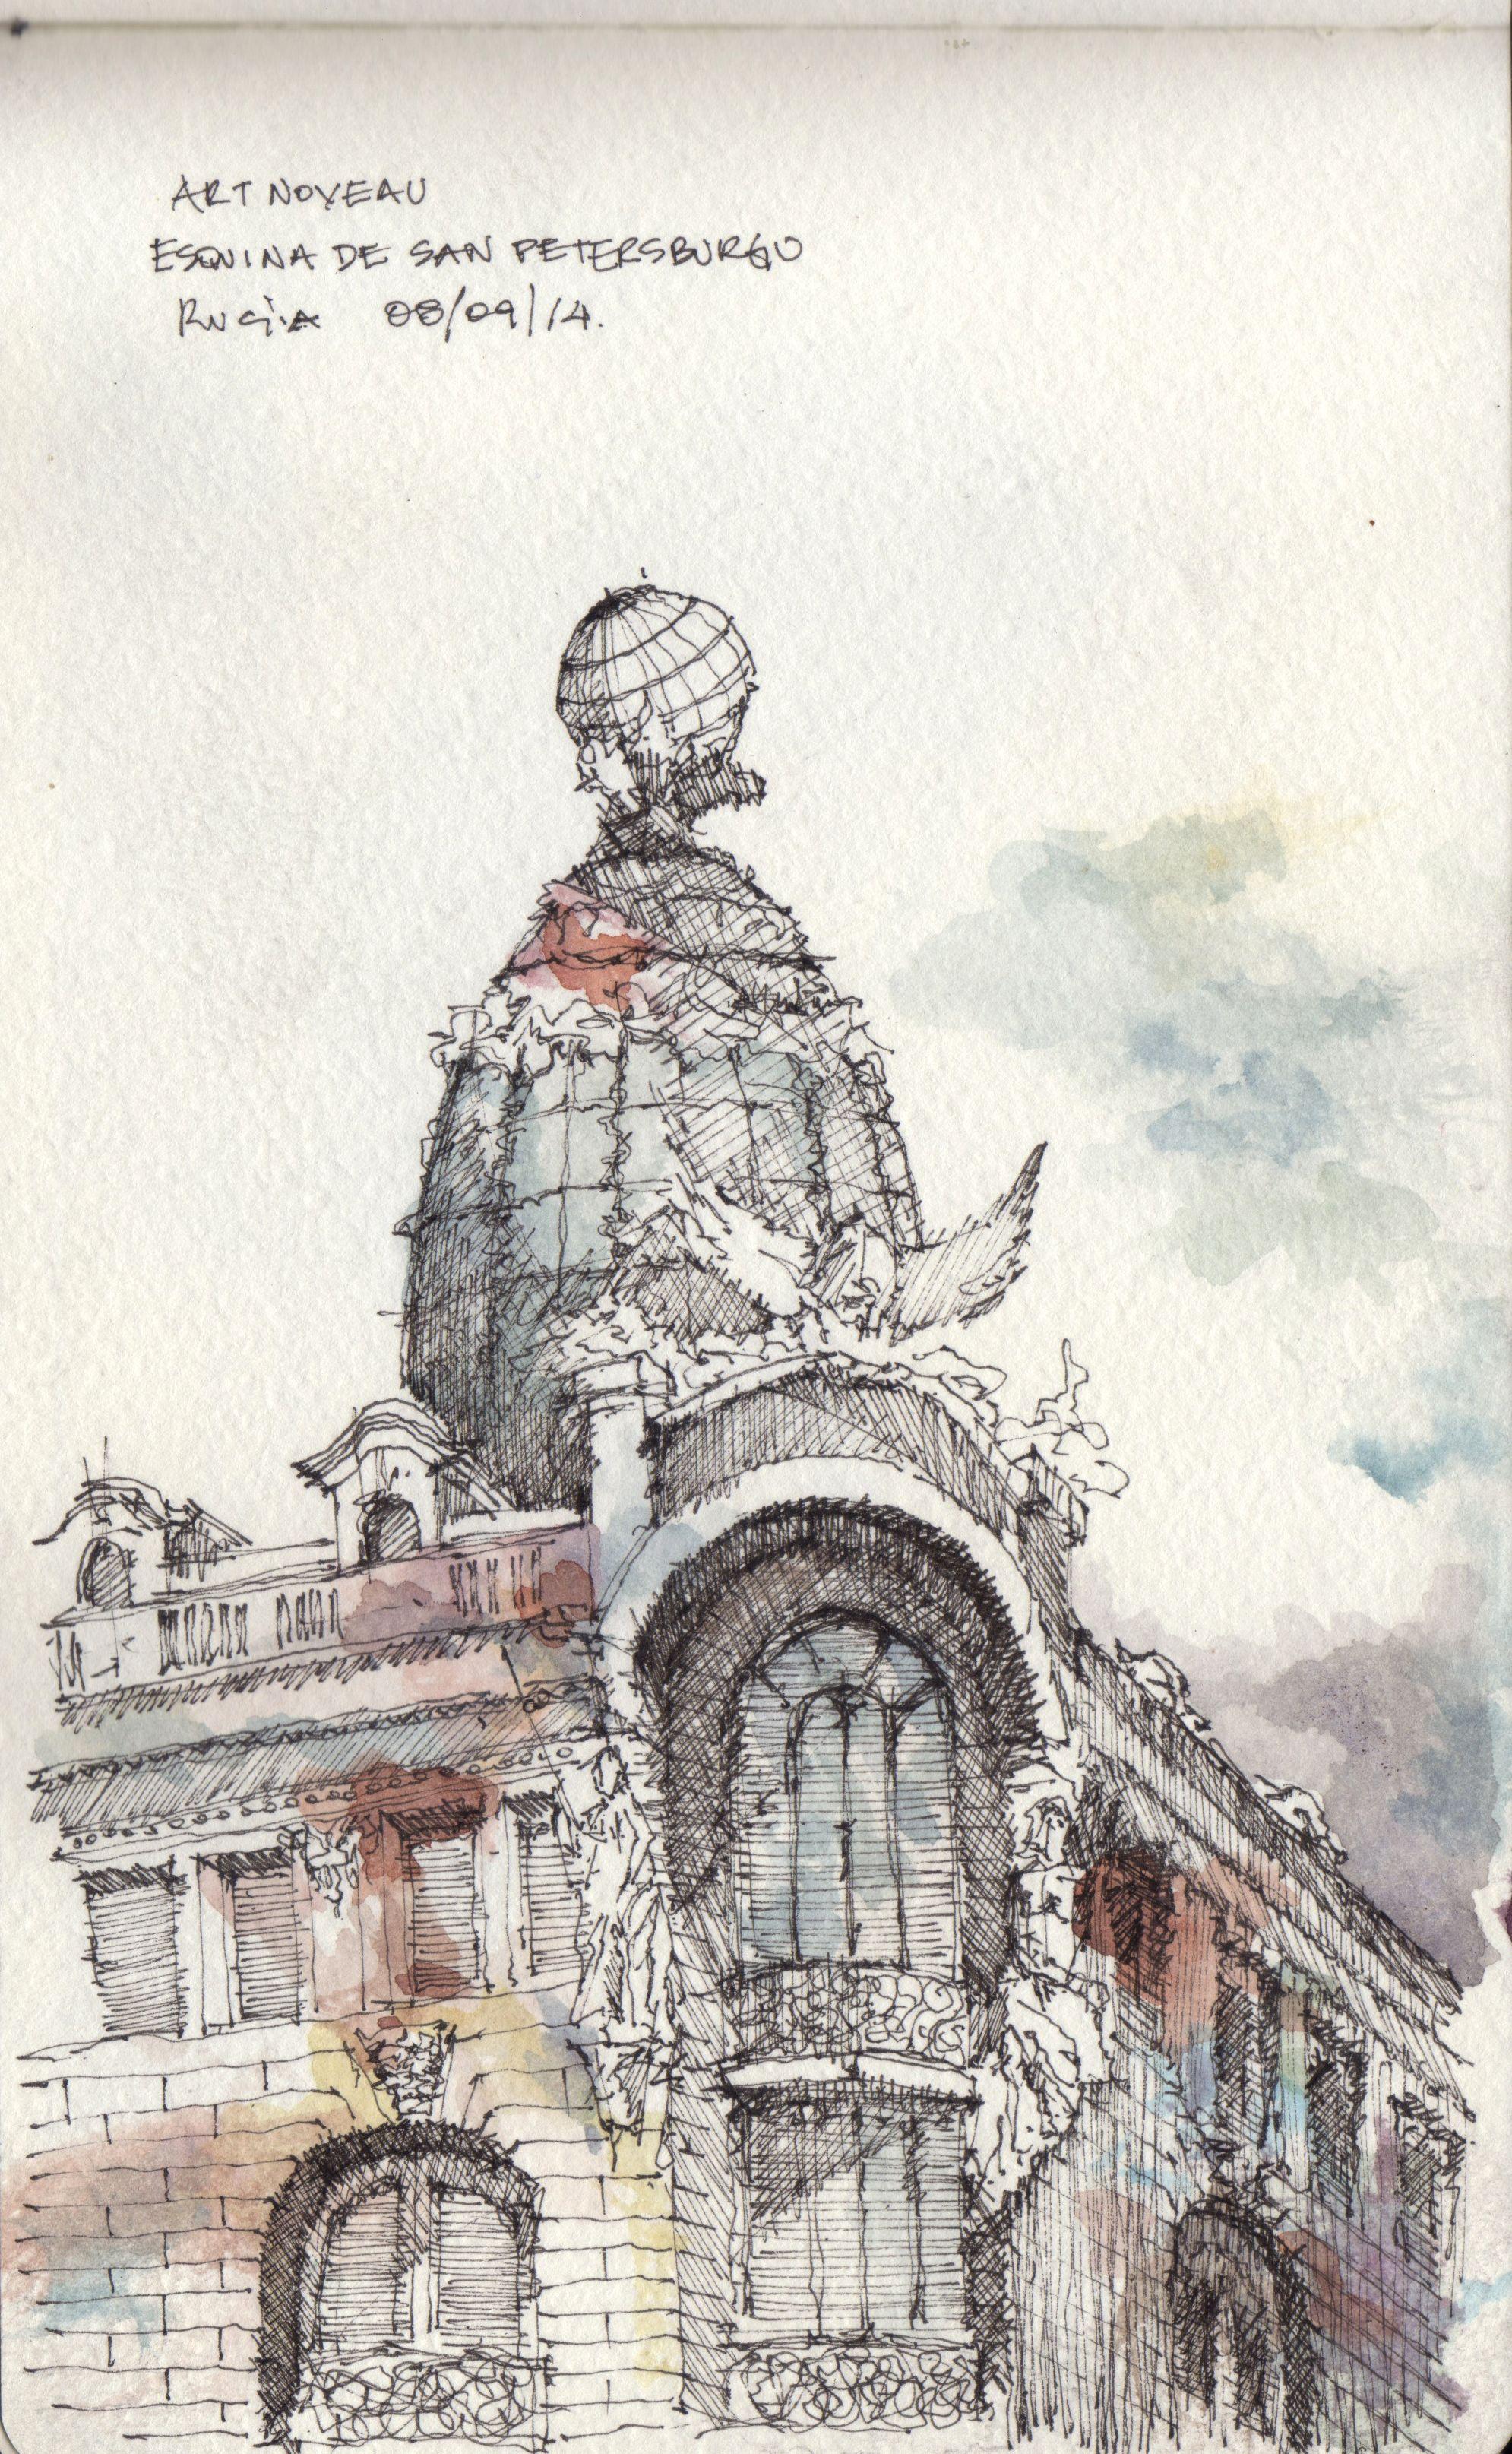 Croquis - St Petersburgo - por Facundo Alvarez